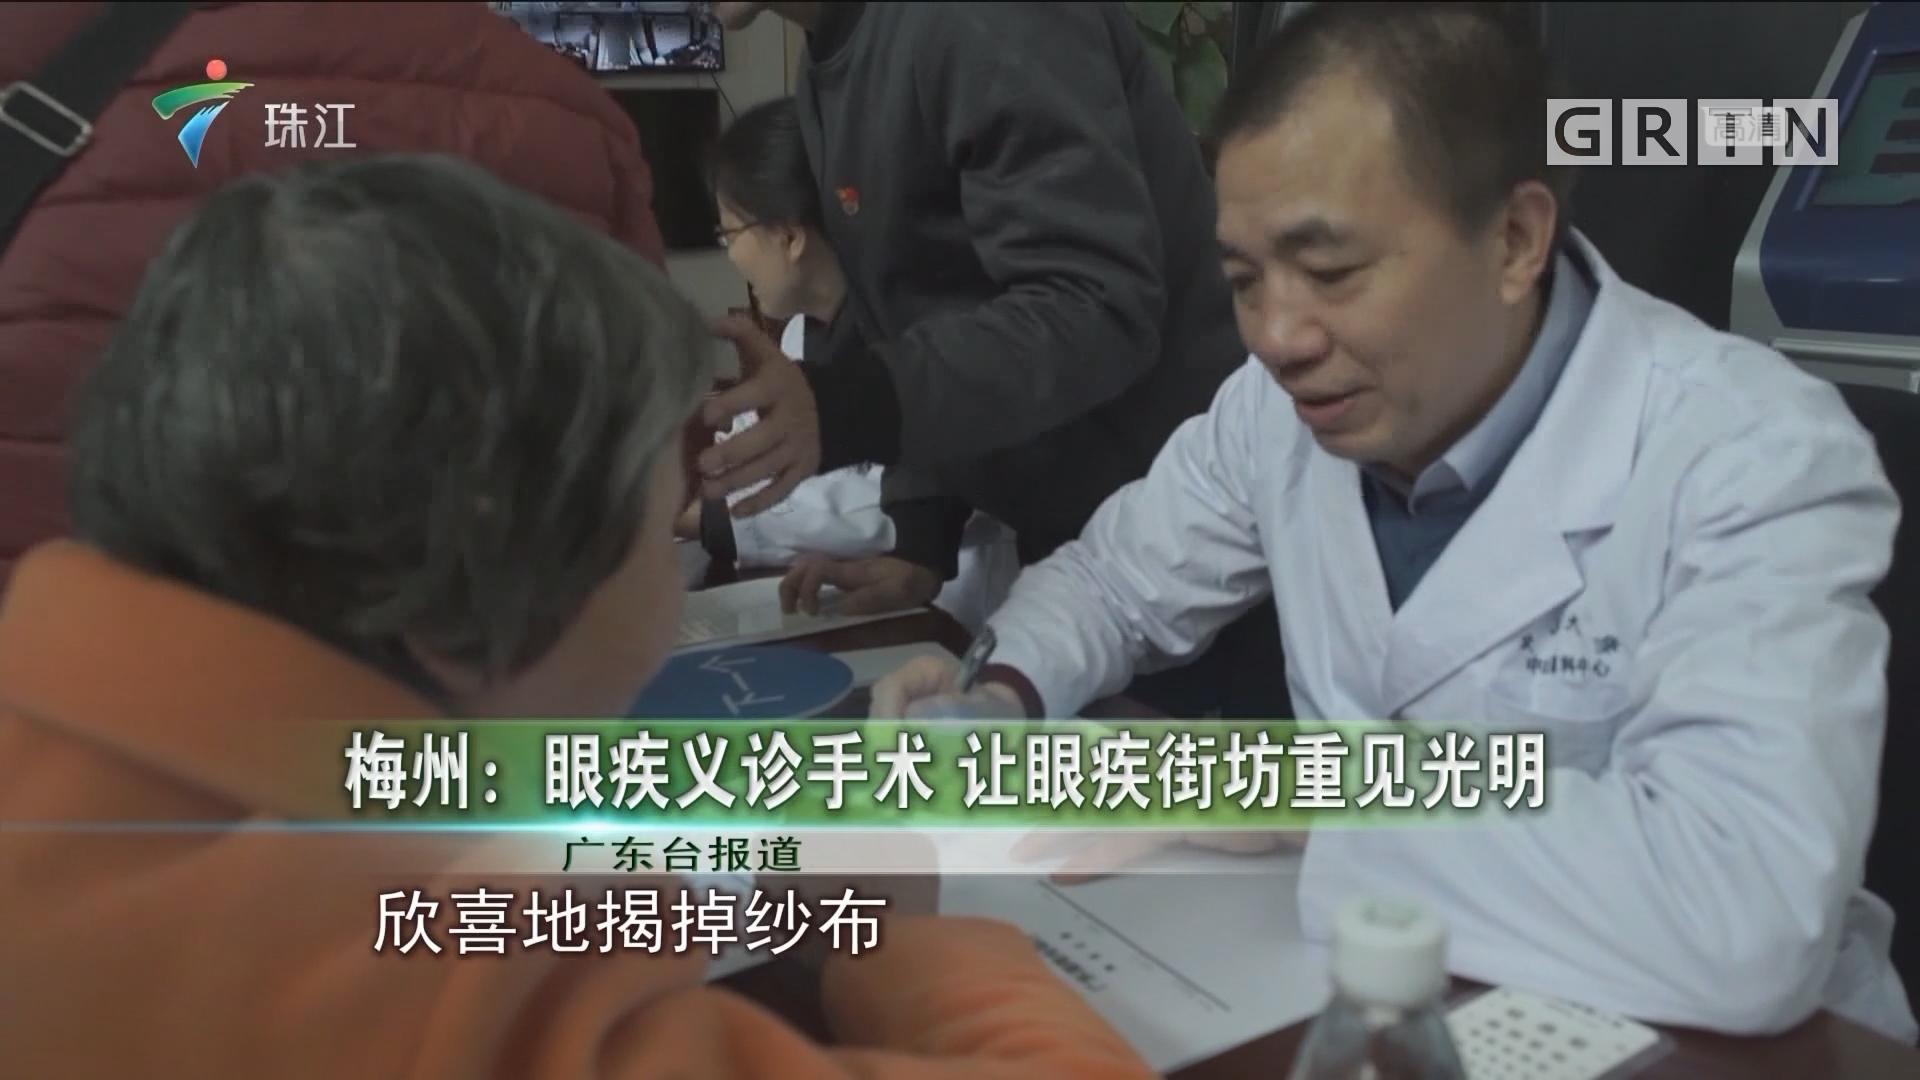 梅州:眼疾义诊手术 让眼疾街坊重见光明